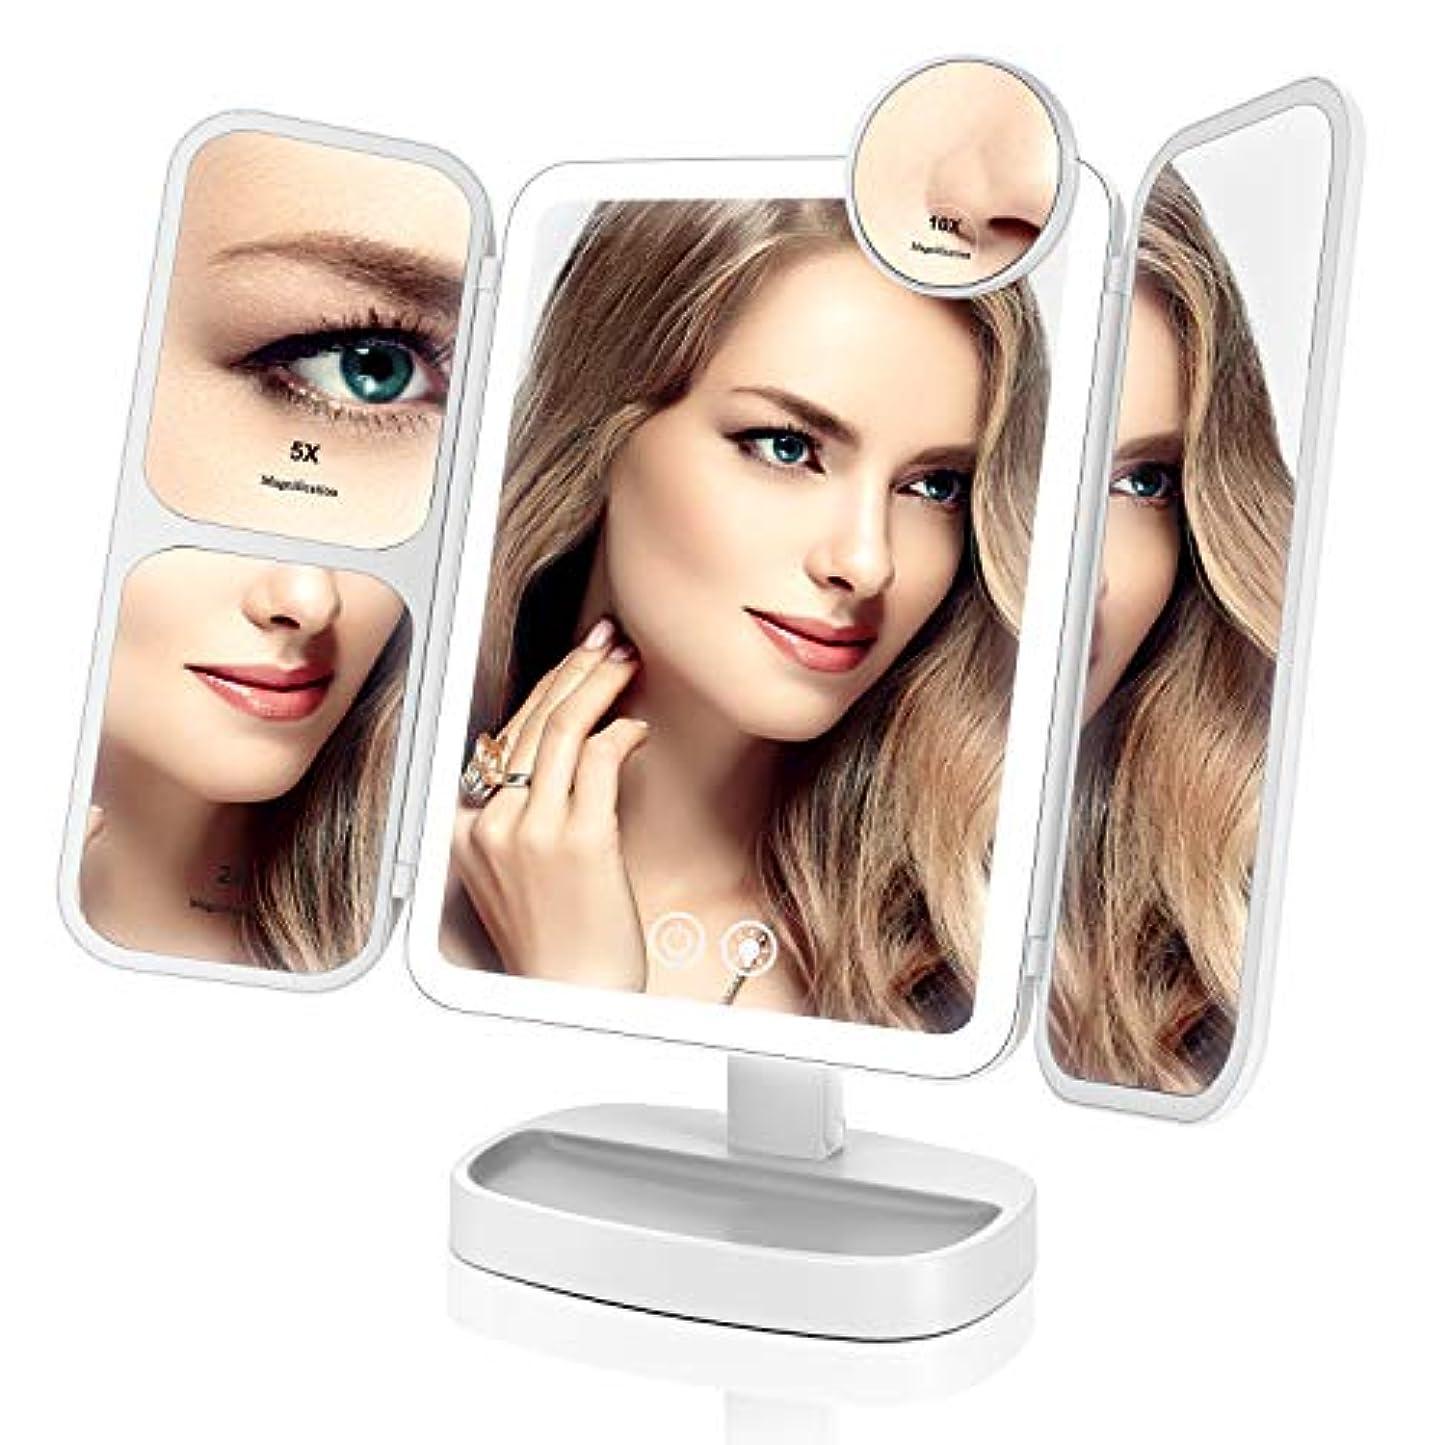 等同志寸前EASEHOLD 化粧鏡 化粧ミラー 卓上ミラー 鏡 LED付き 【最新バージョン】 リチウム電池 充電式 2&5&10倍拡大鏡付き 指タッチ 明るさ調節可能 プレゼント